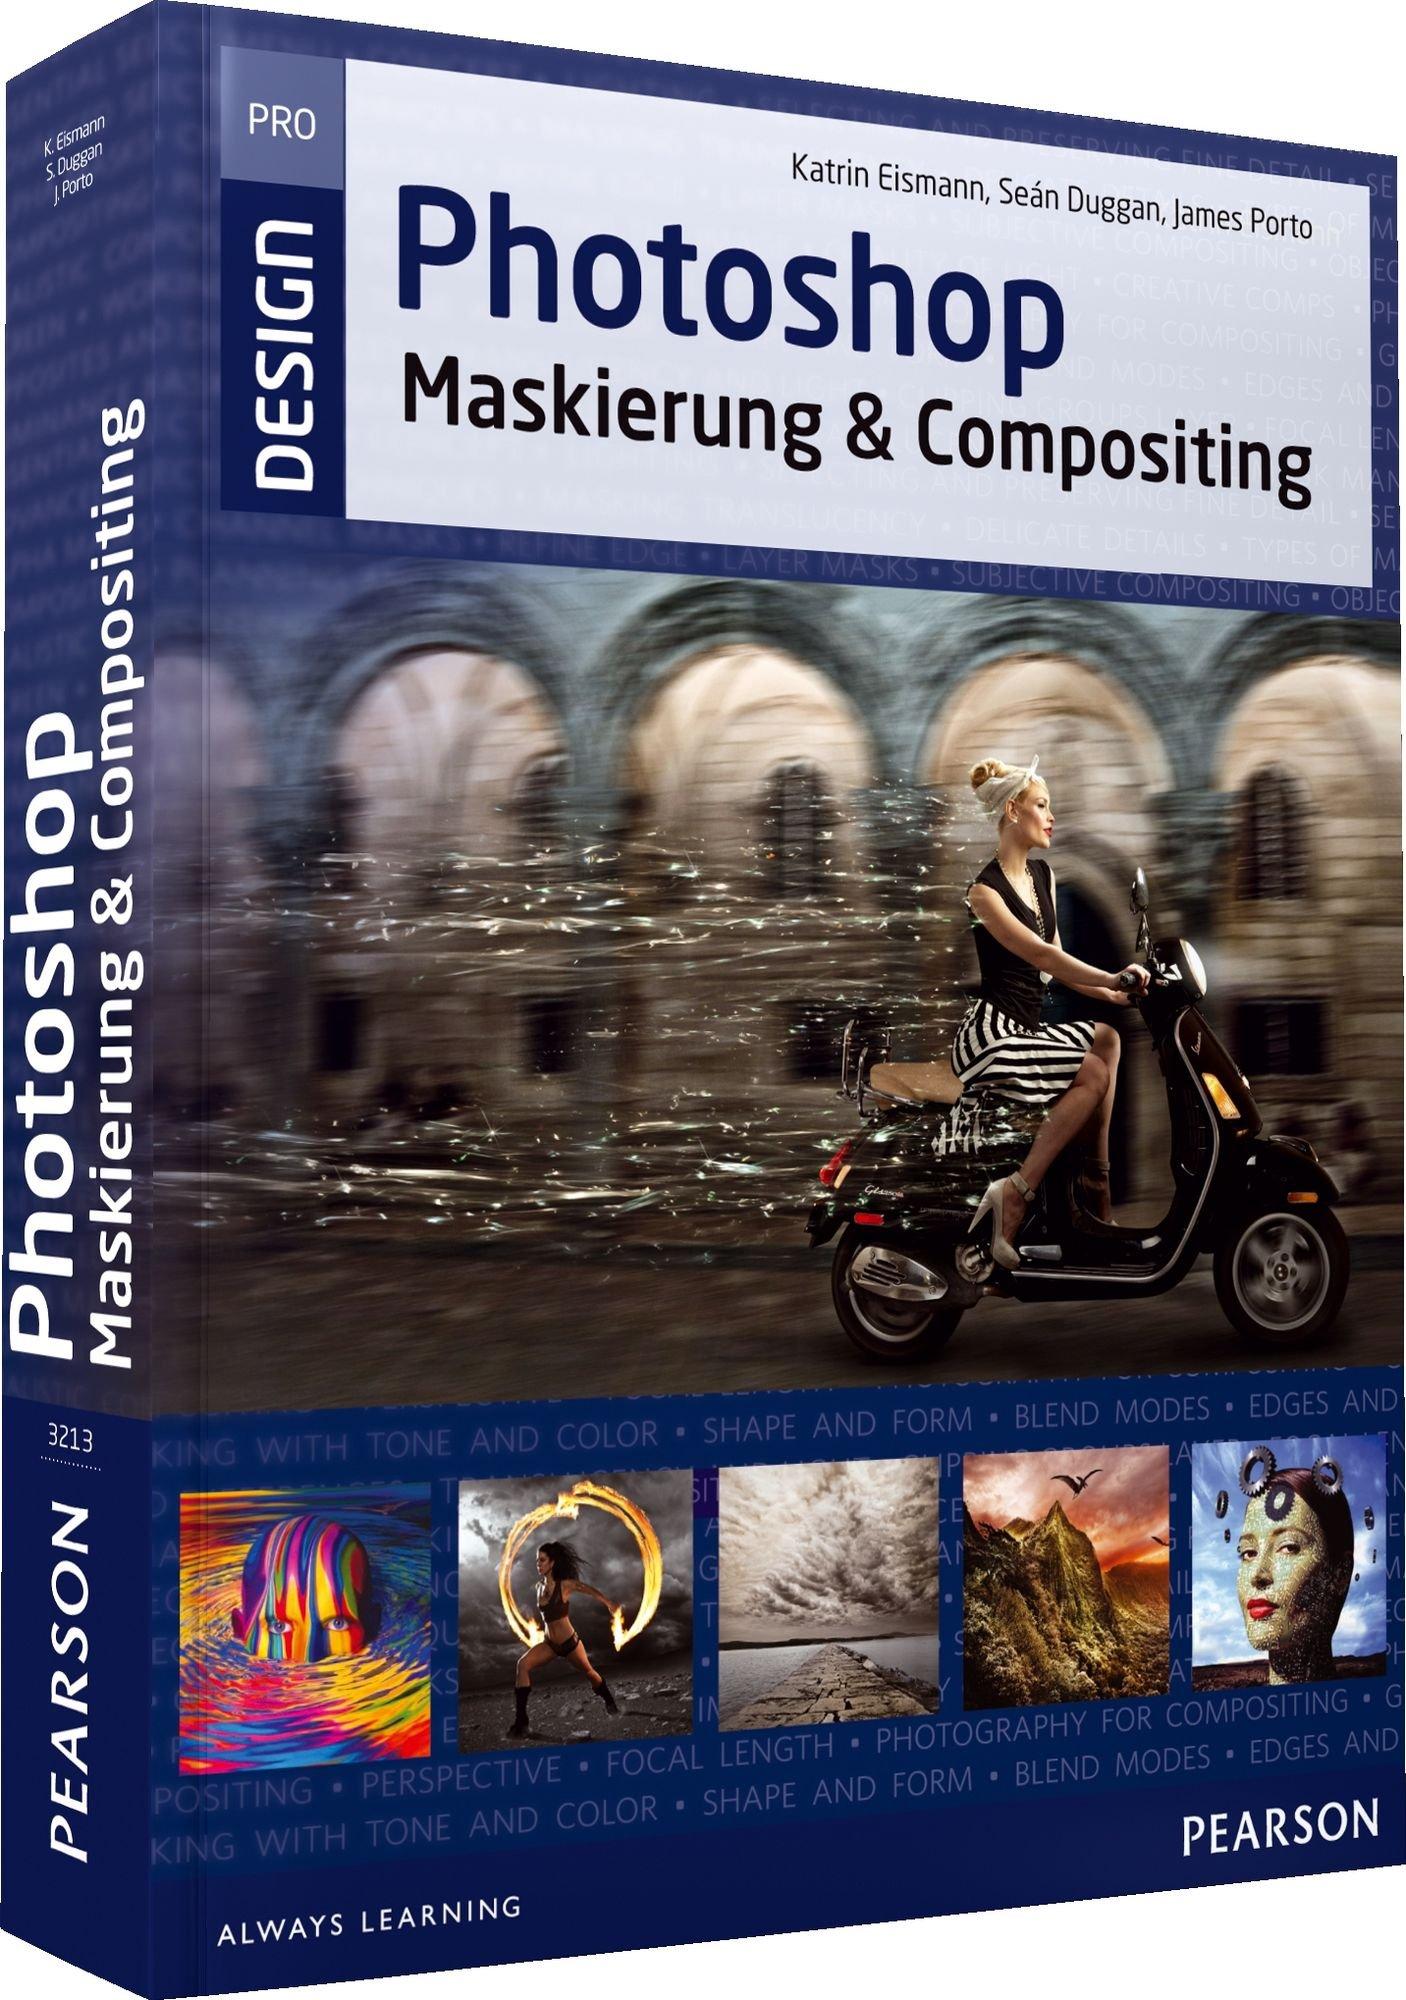 Photoshop Maskierung und Compositing (Pearson Design) Taschenbuch – 1. Dezember 2012 Katrin Eismann Seán Duggan James Porto Addison-Wesley Verlag